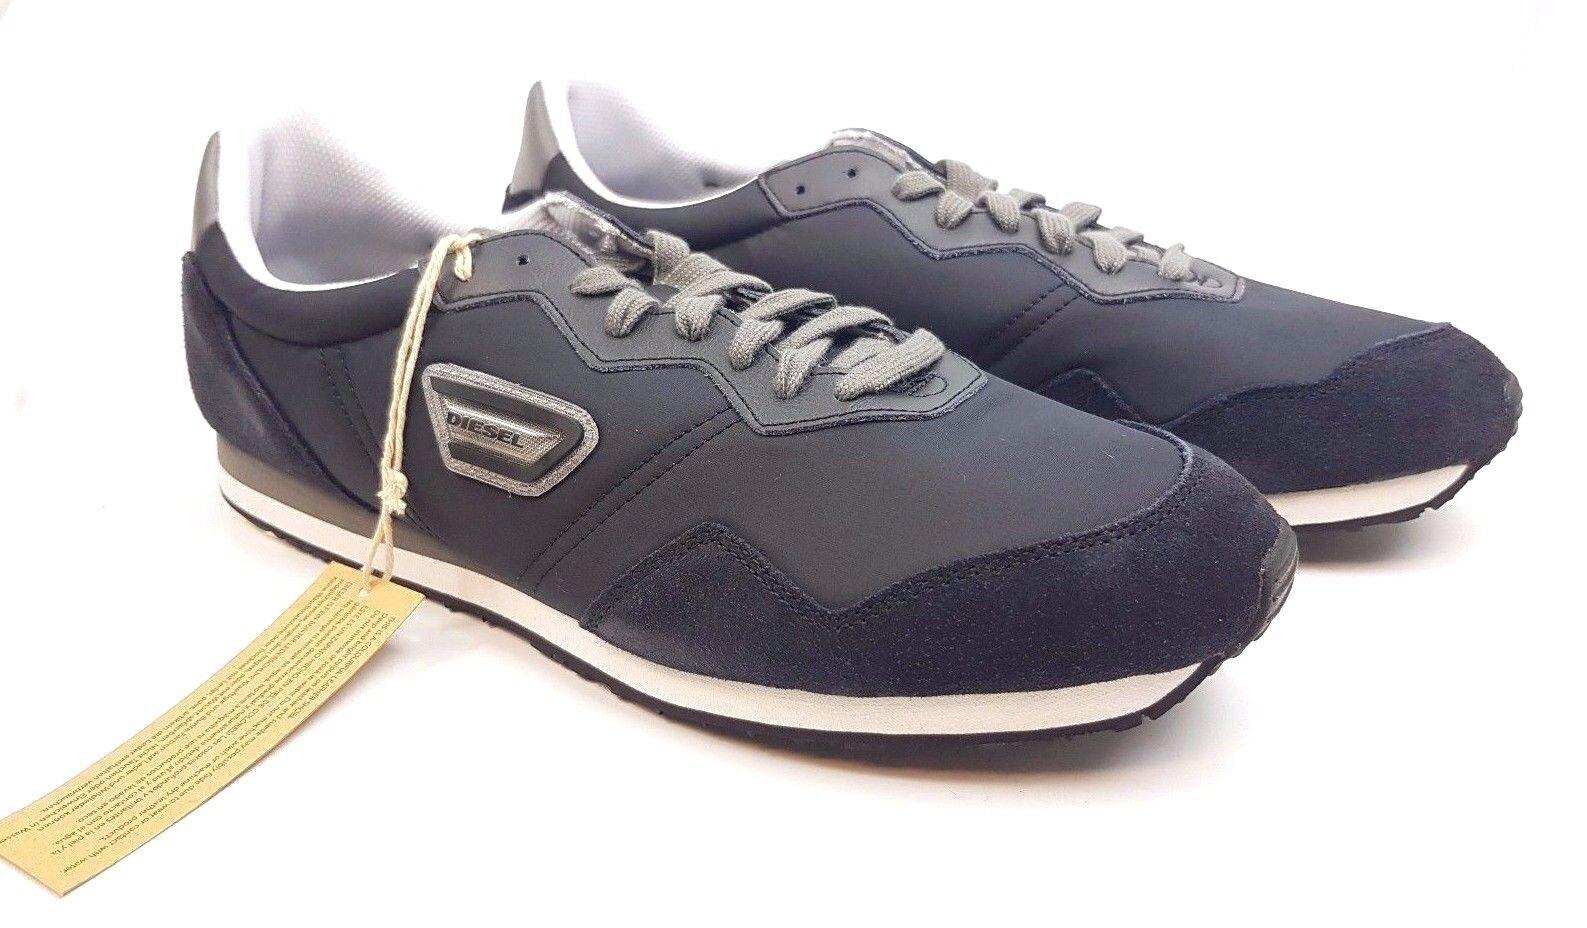 DIESEL Sneaker KURSAL Herren Zapatos - Sneakers - H2214 Hombre Zapatos Y01112 P0612 H2214 - G9 59d419